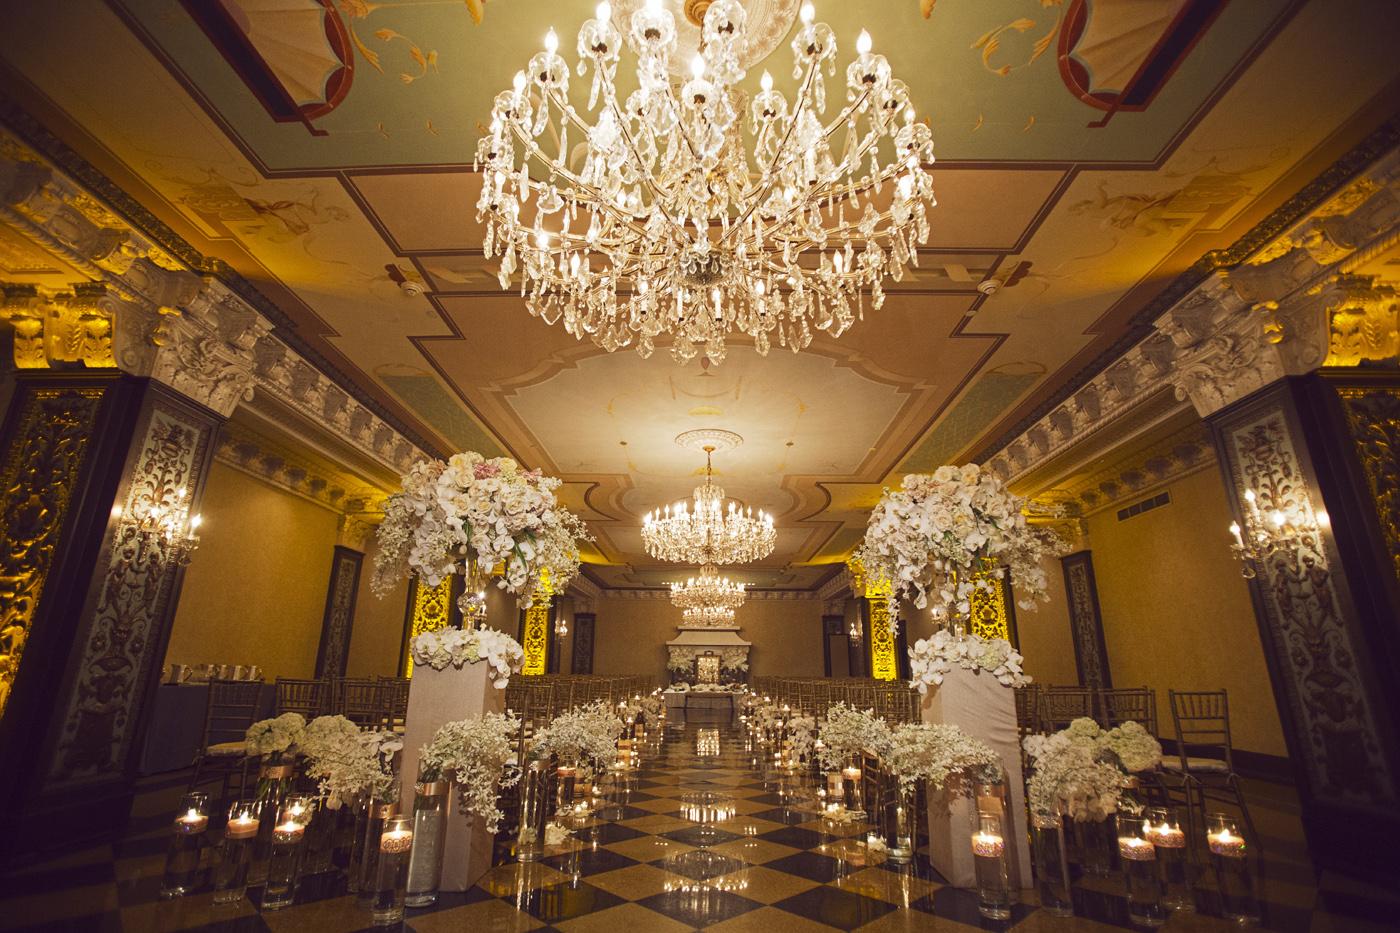 029_DukePhotography_DukeImages_Wedding_Details.jpg